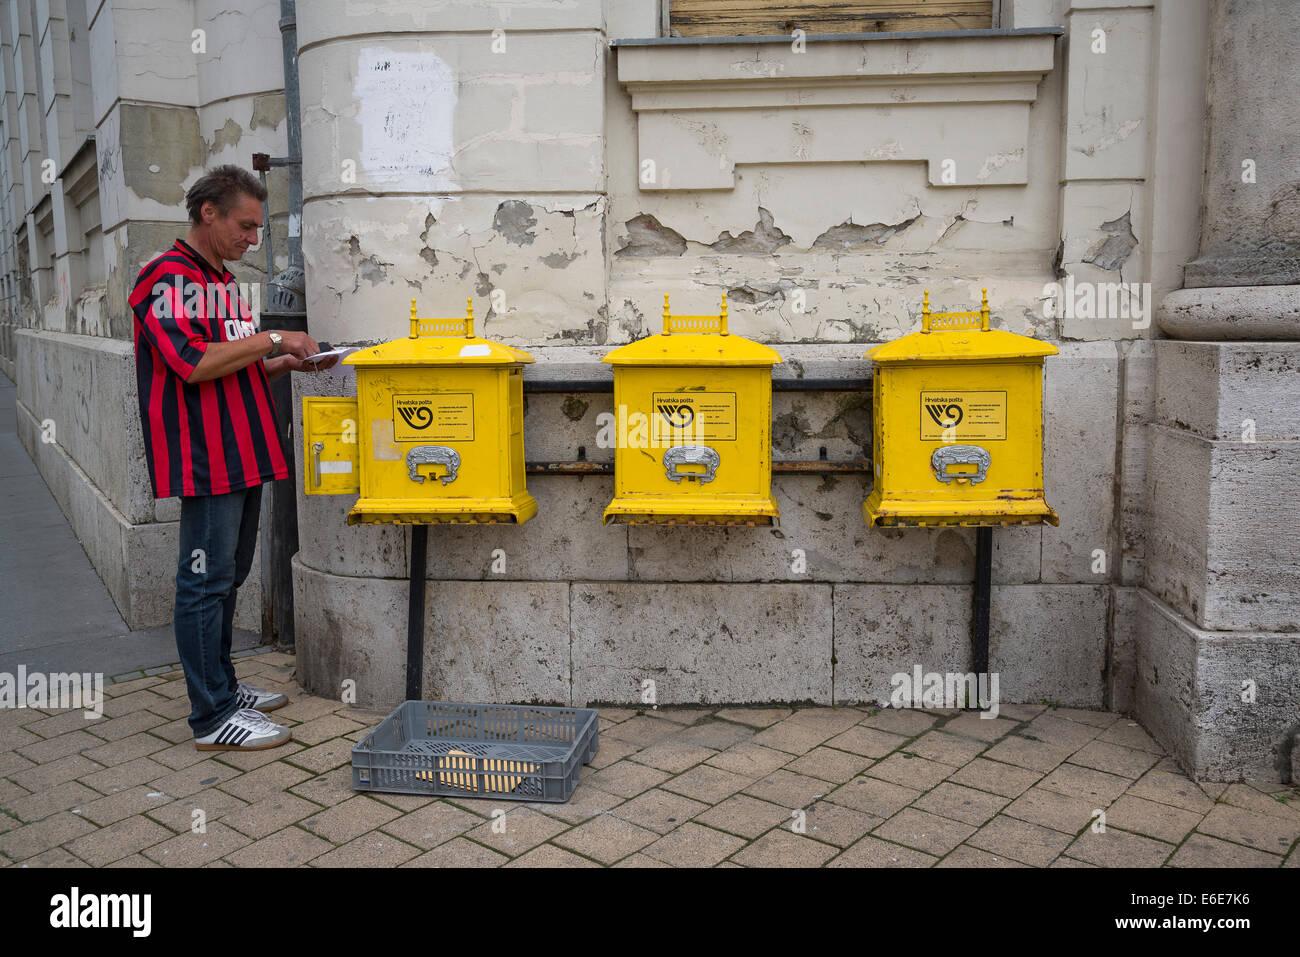 Postman sorting out post at Post Office building, Osijek, Slavonia, Croatia - Stock Image